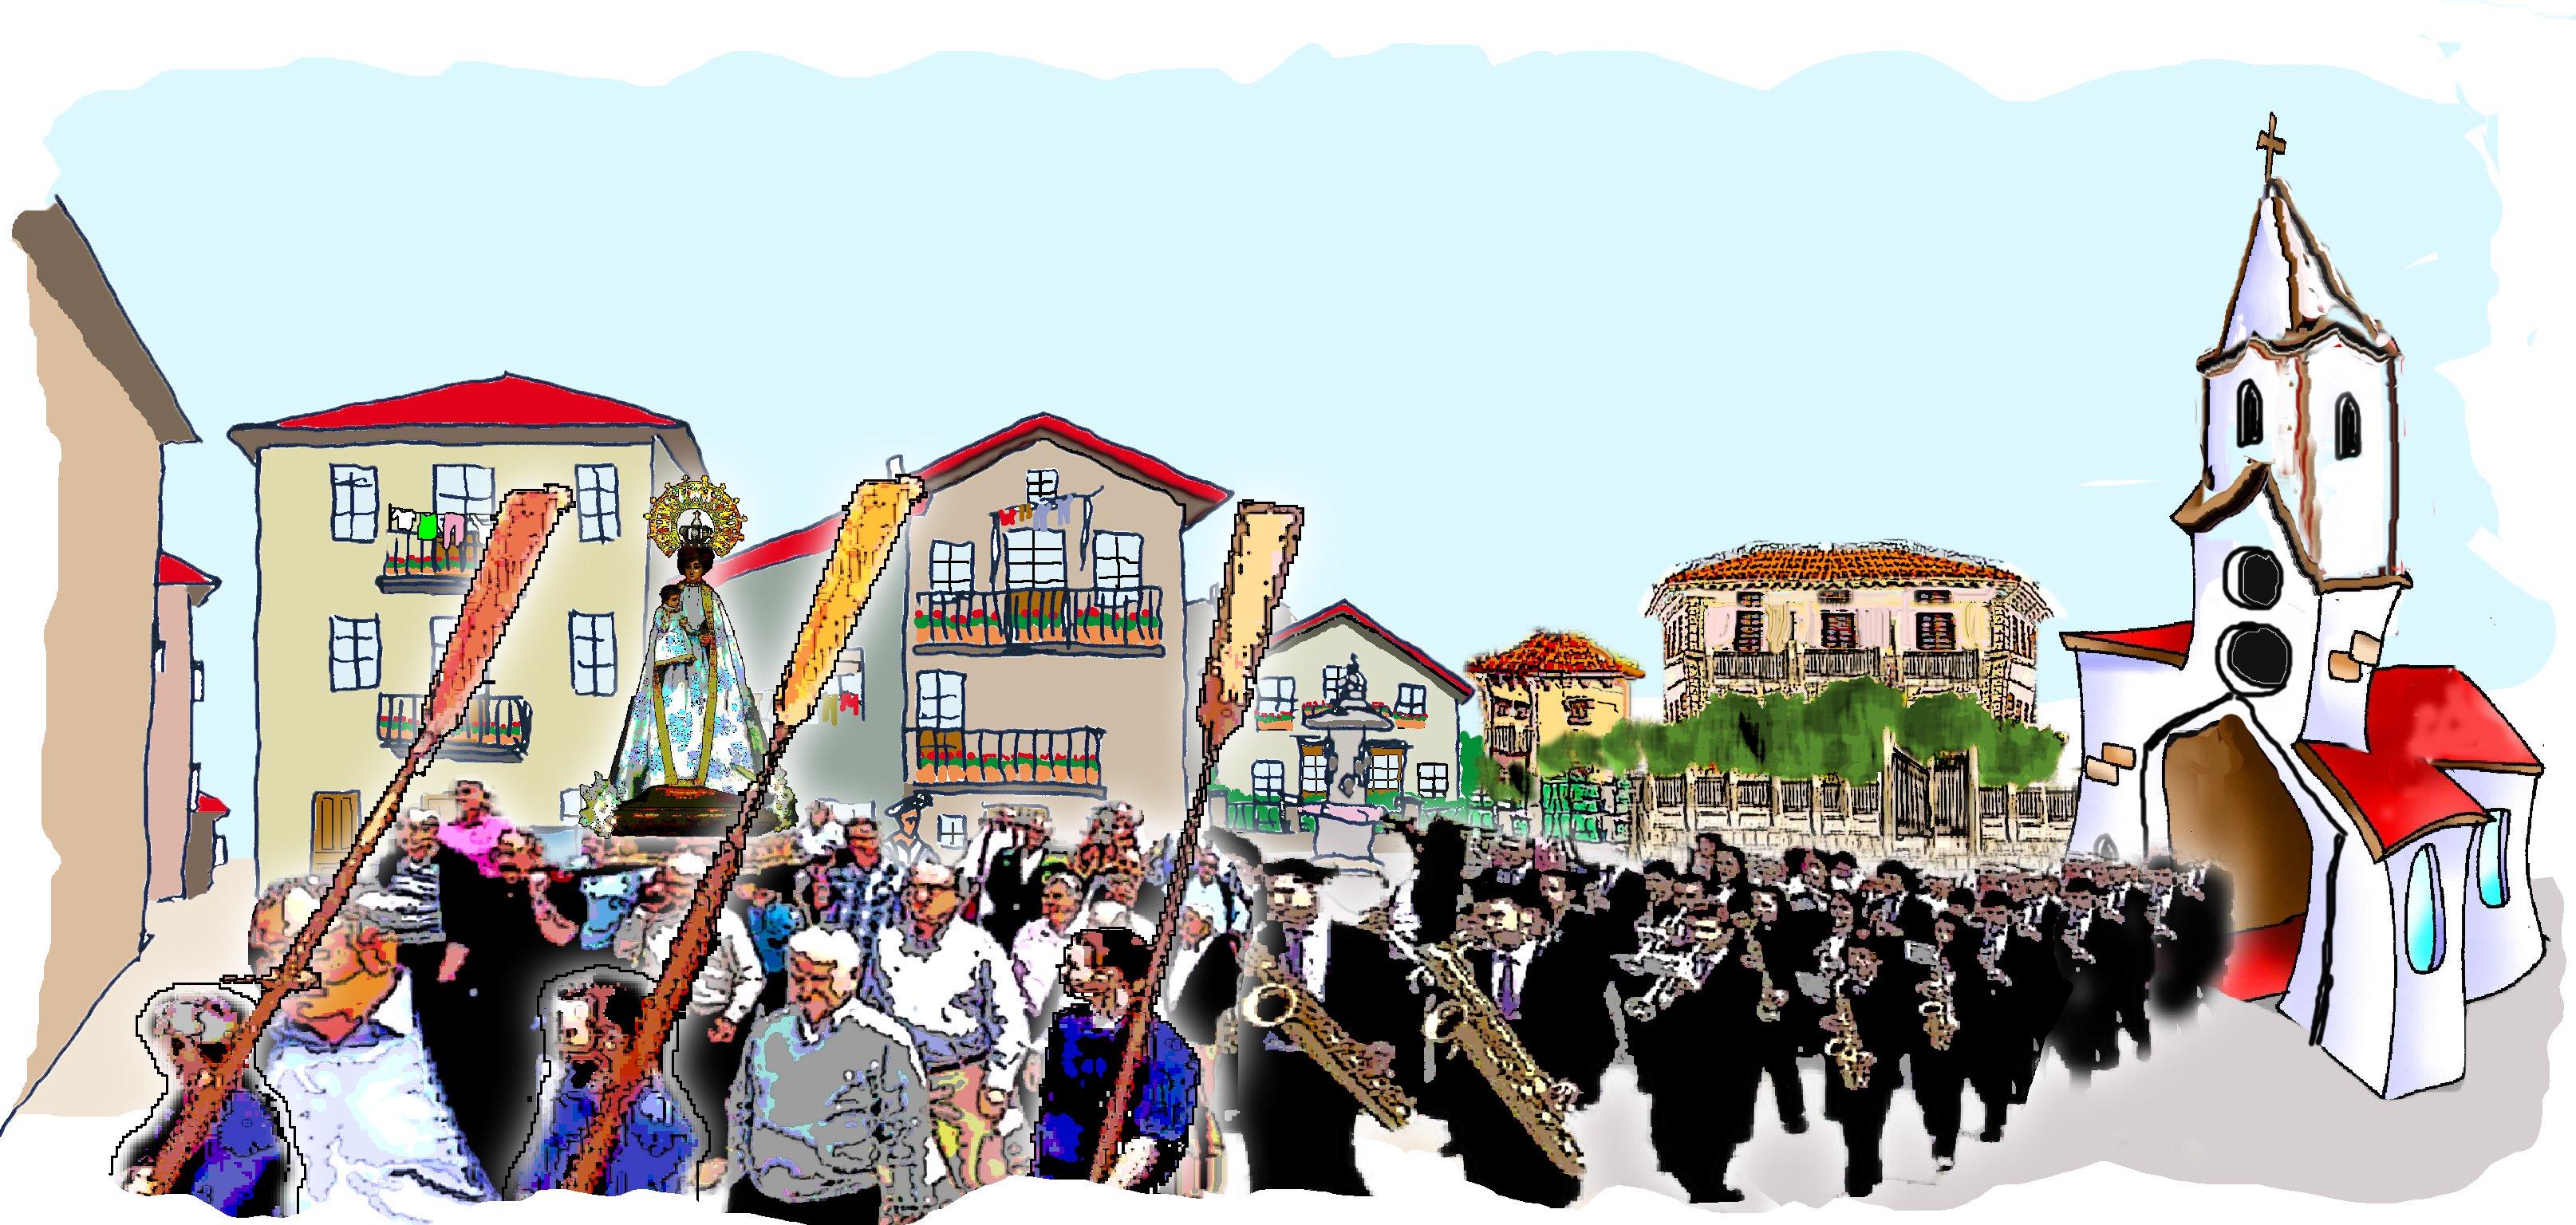 procesion barrio